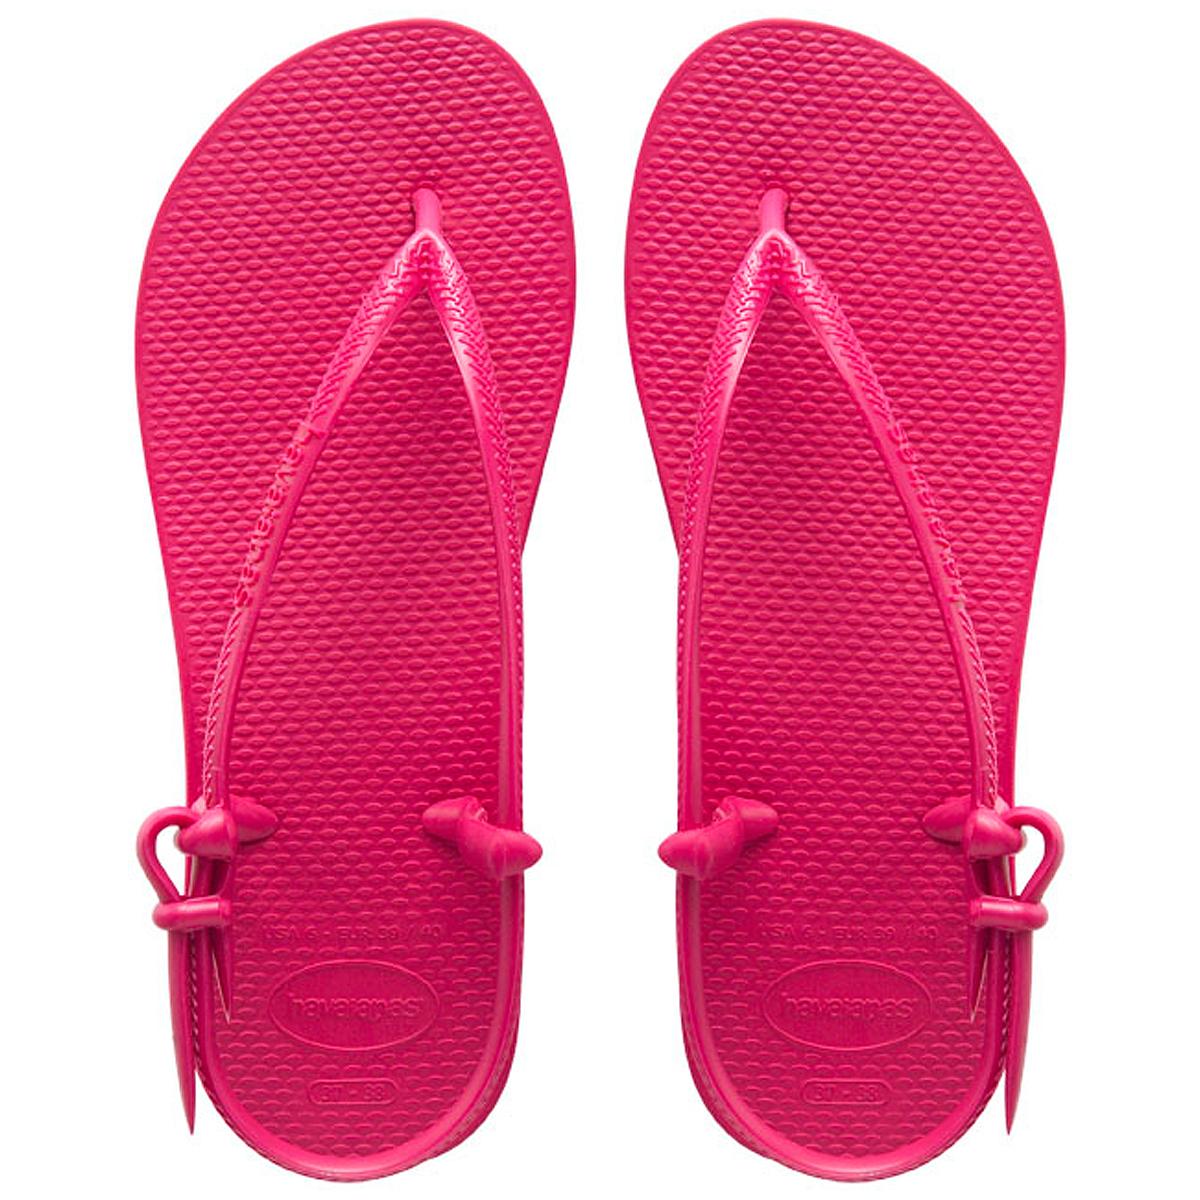 ace0225393 Sandálias Havaianas as queridinhas saiba mais sobre elas - Moda e ...